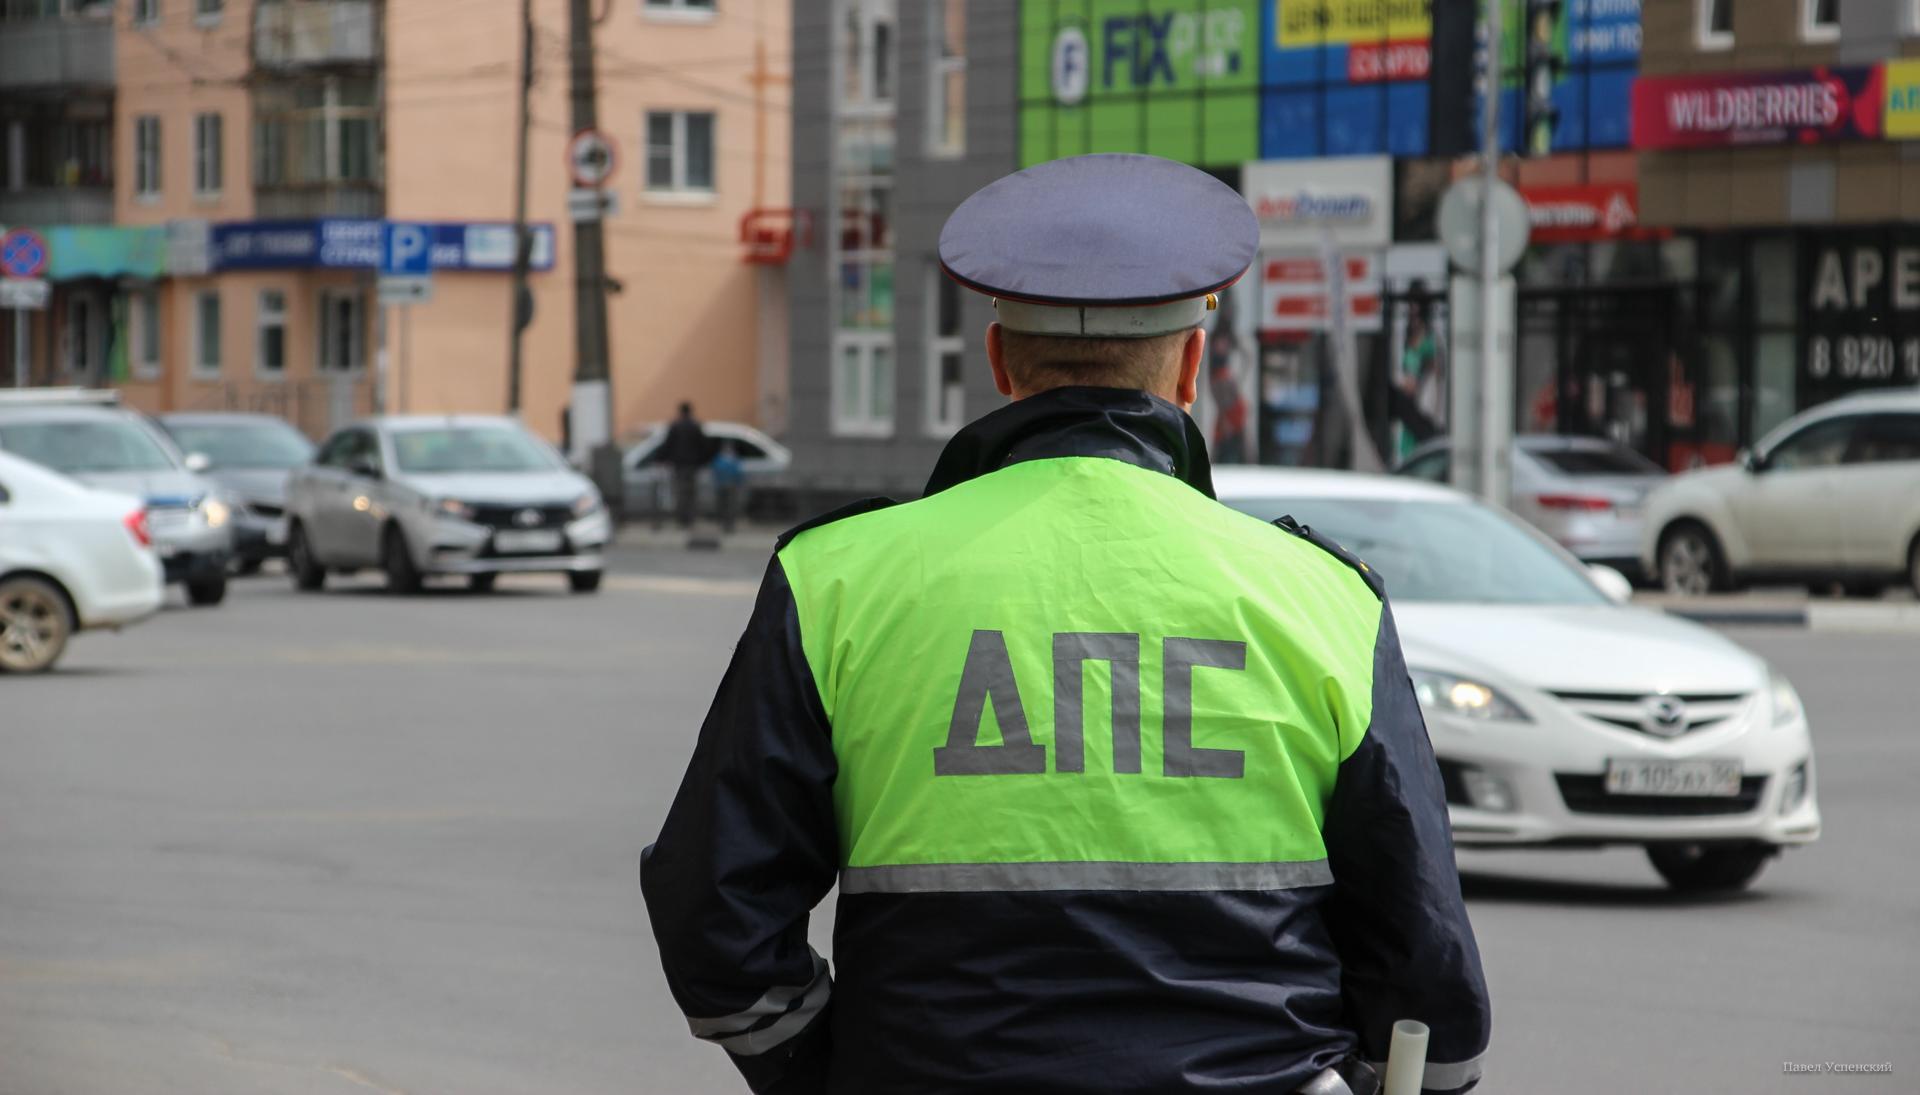 Житель Тверской области ищет сотрудника ДПС, который помог довезти ребенка в больницу - новости Афанасий